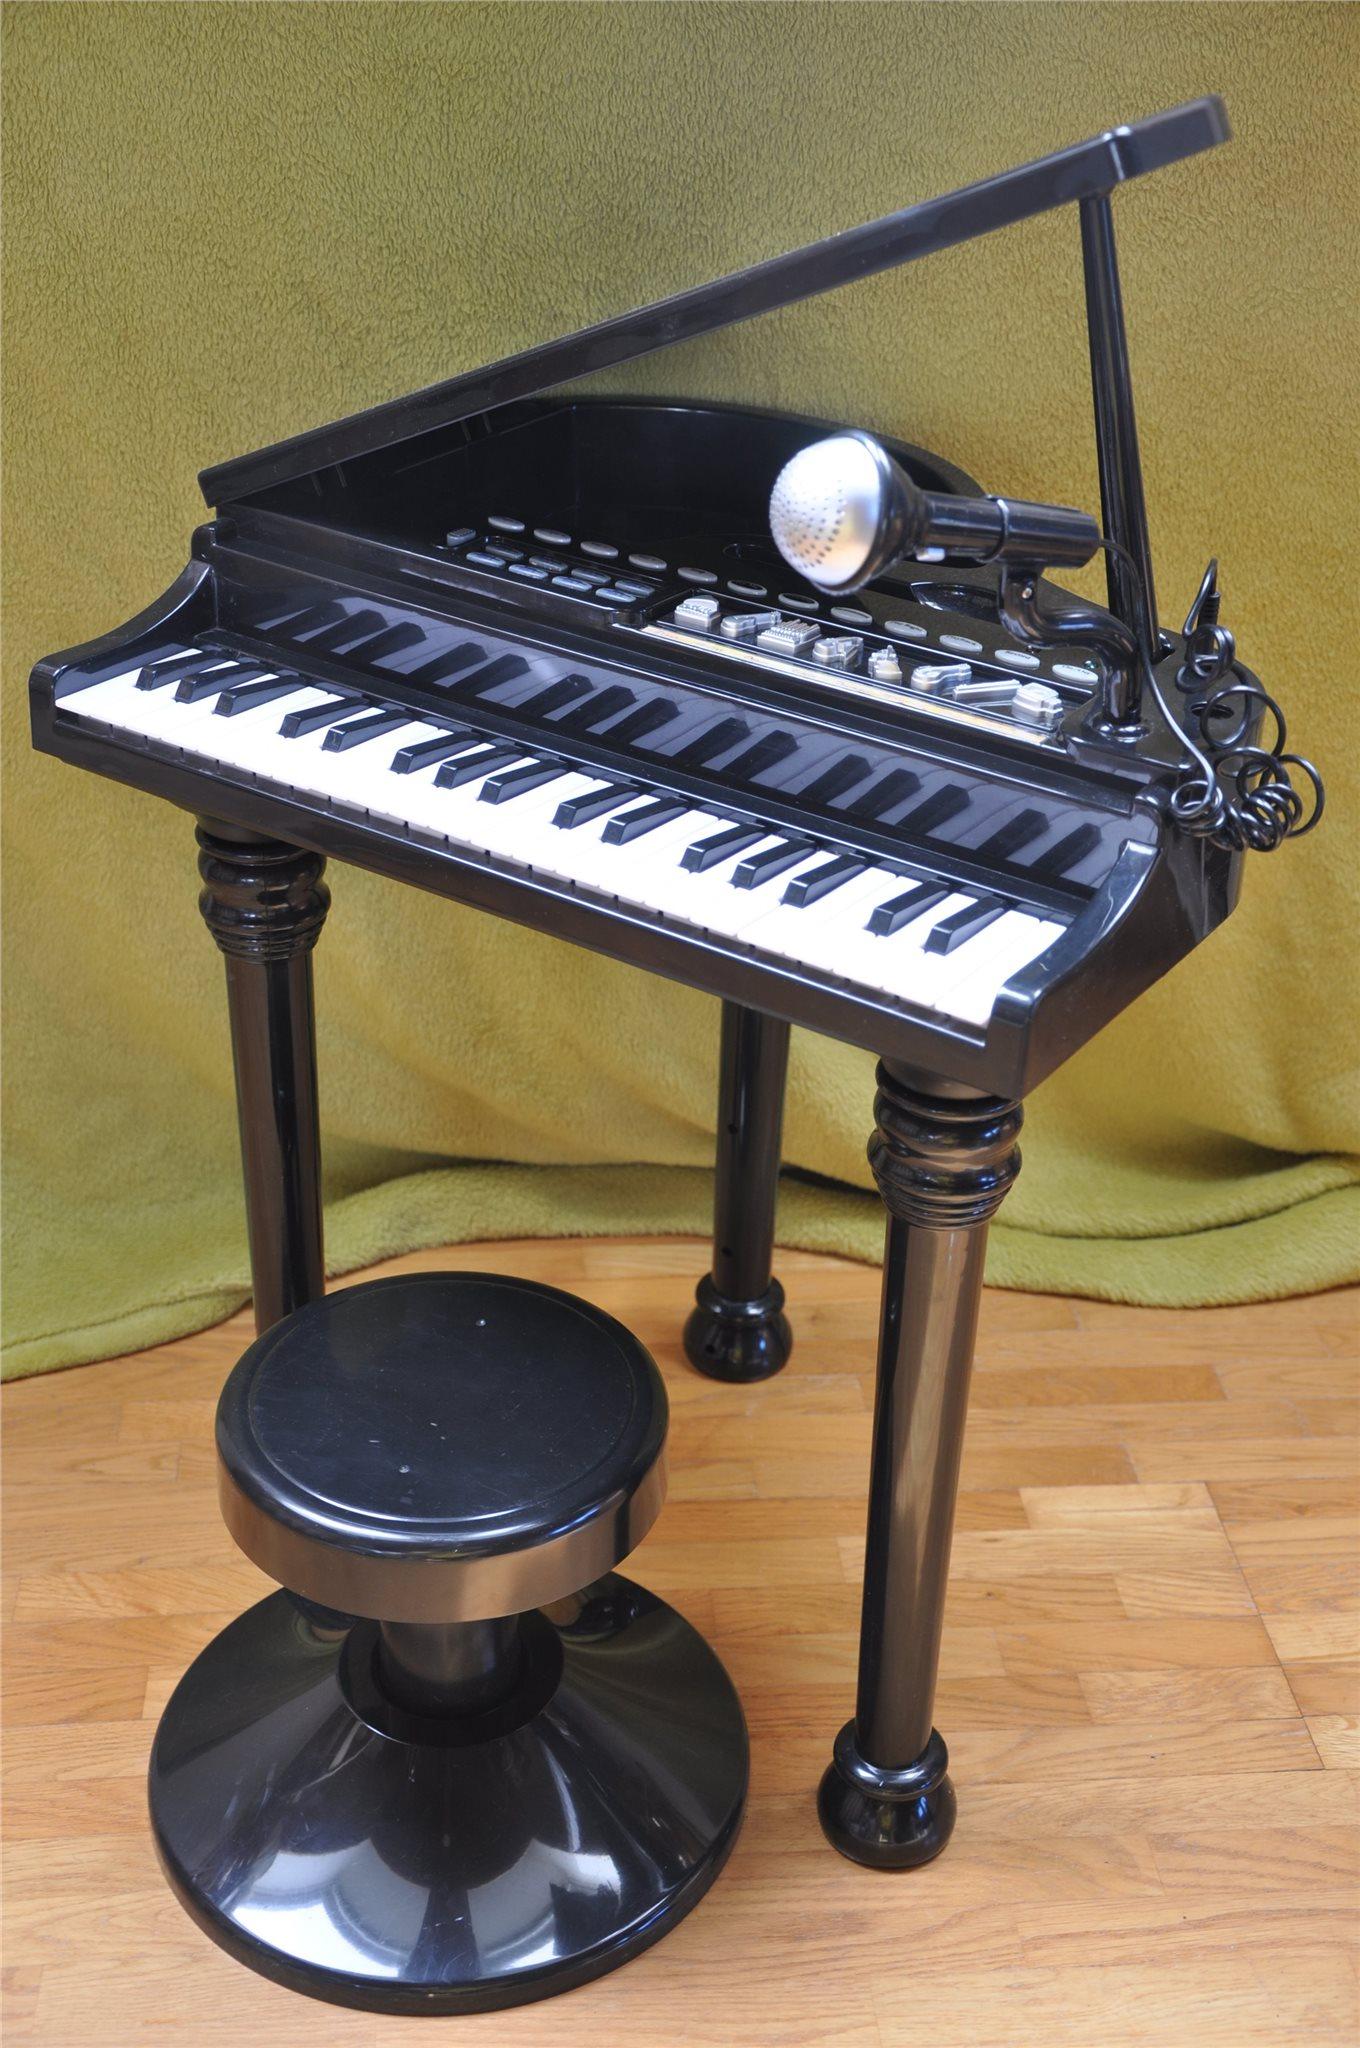 leksakspiano med mikrofon